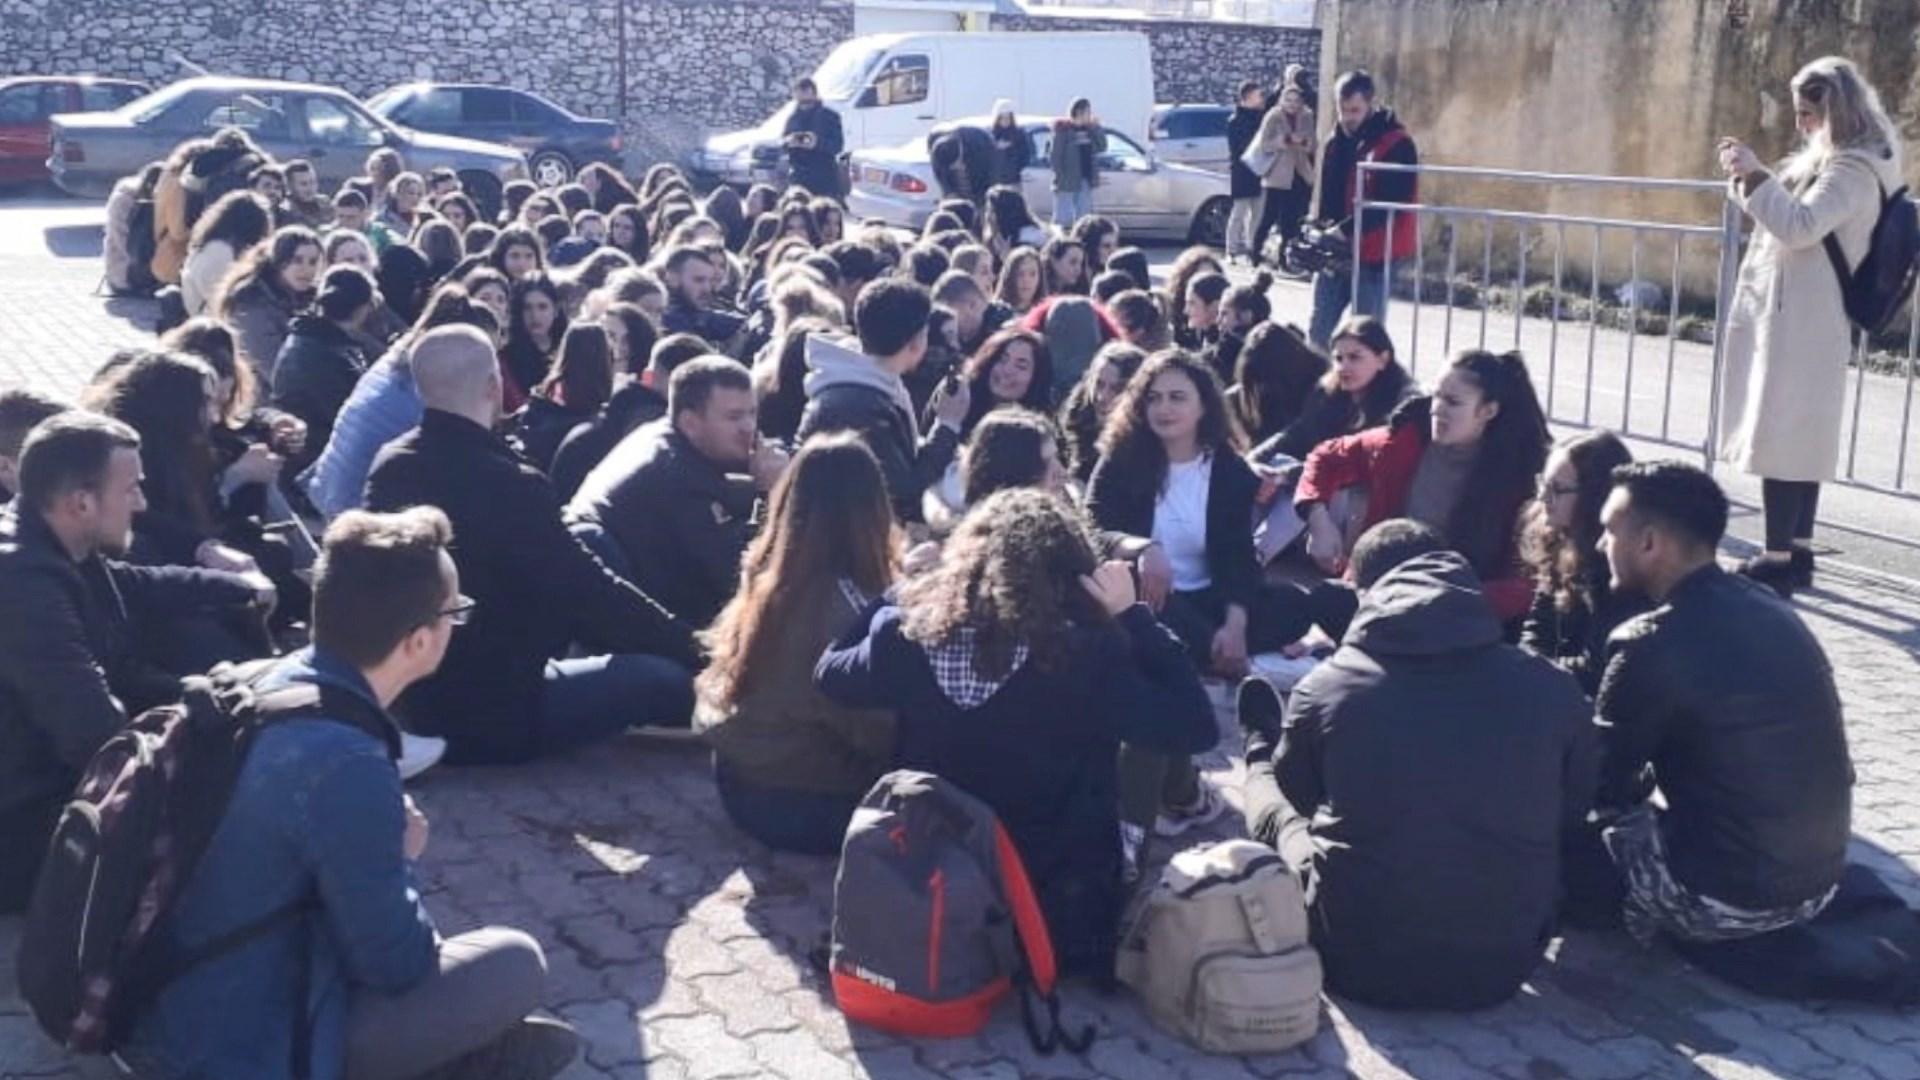 Të mërkurën studentët u rikthehen protestave